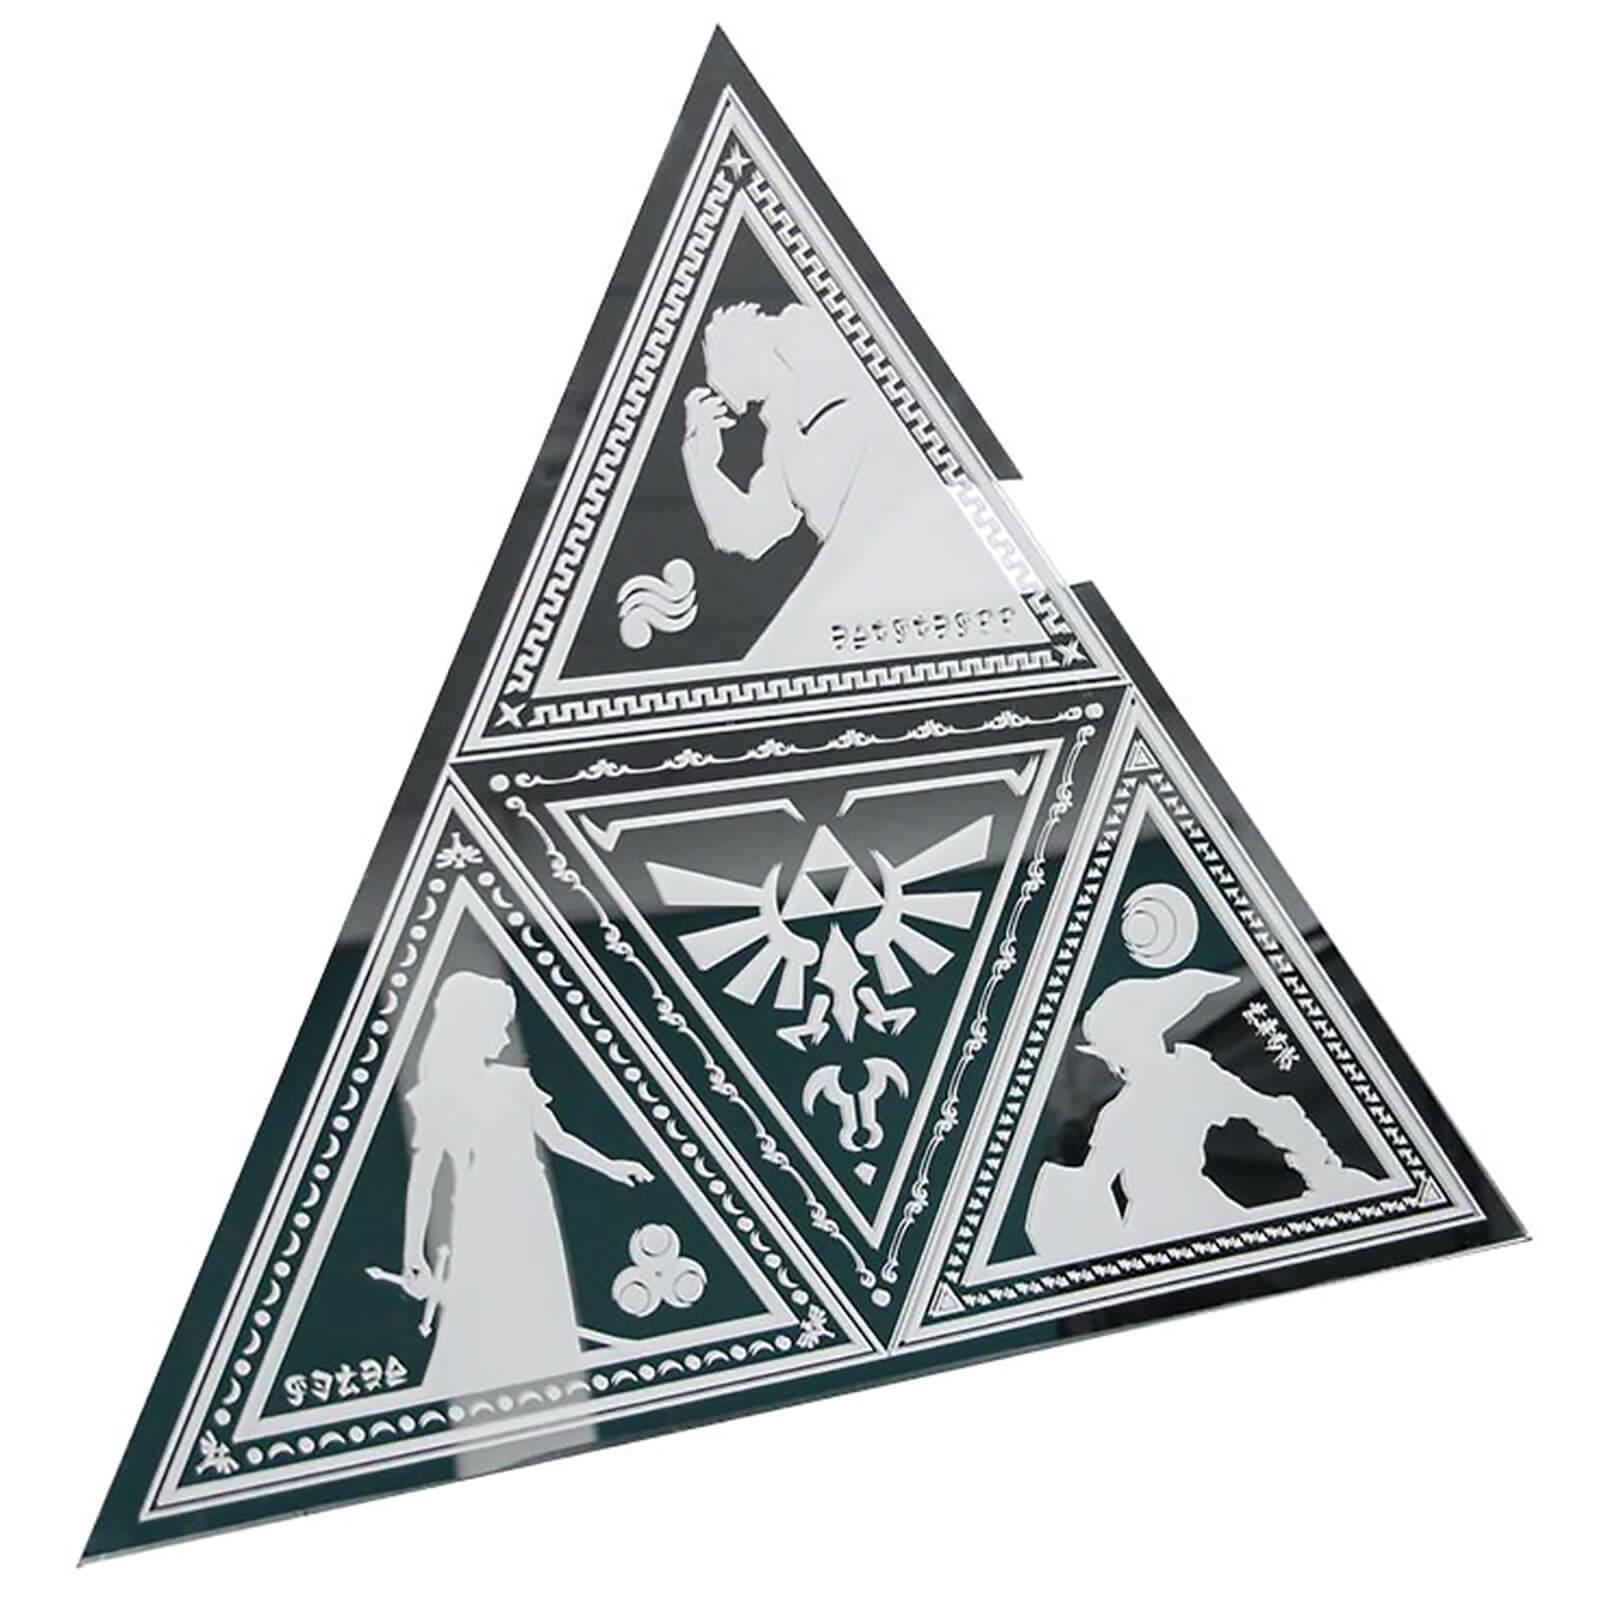 The Legend of Zelda Triforce Mirror